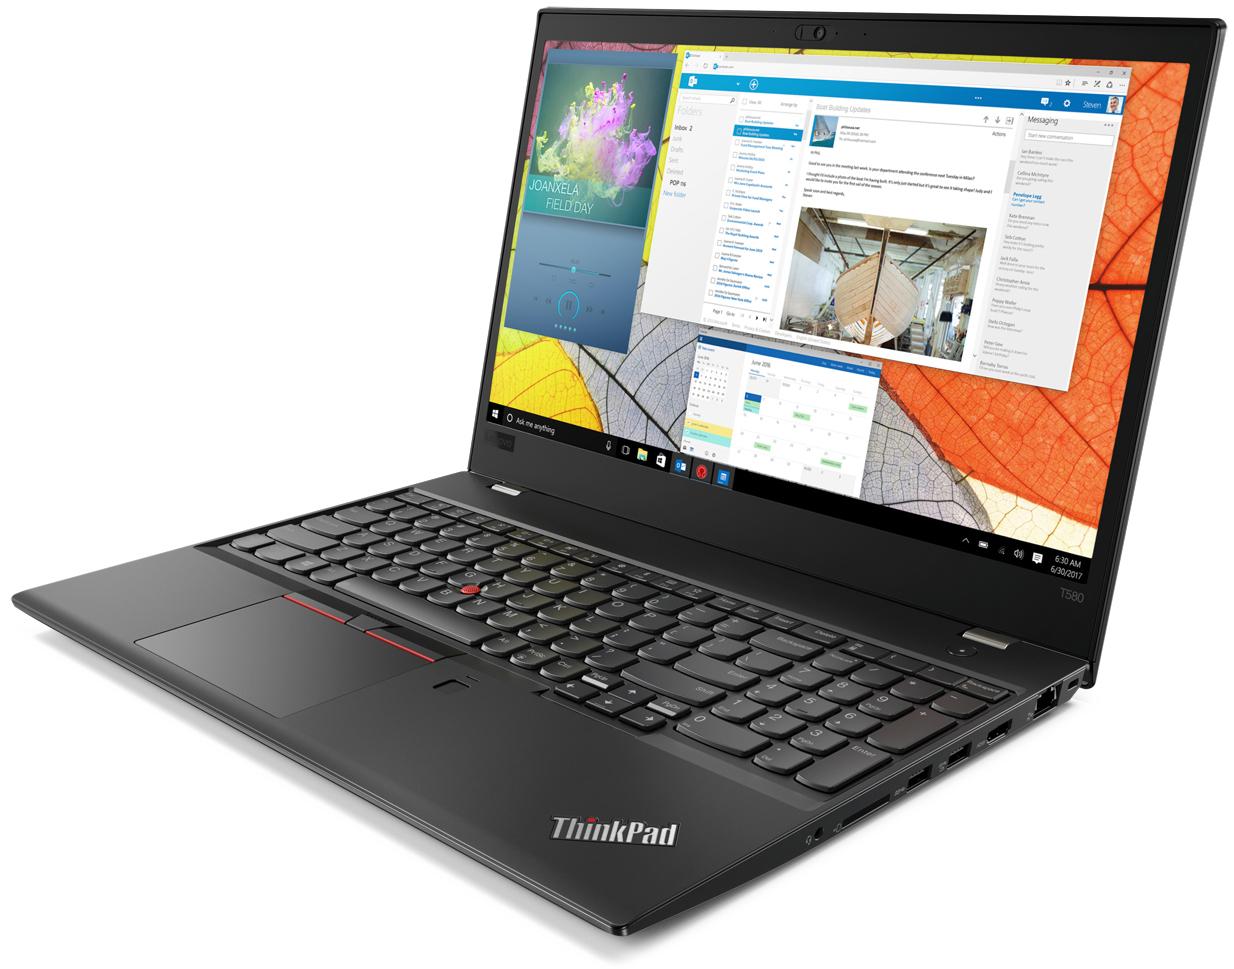 Lenovo ThinkPad T550 Synaptics ThinkPad Windows